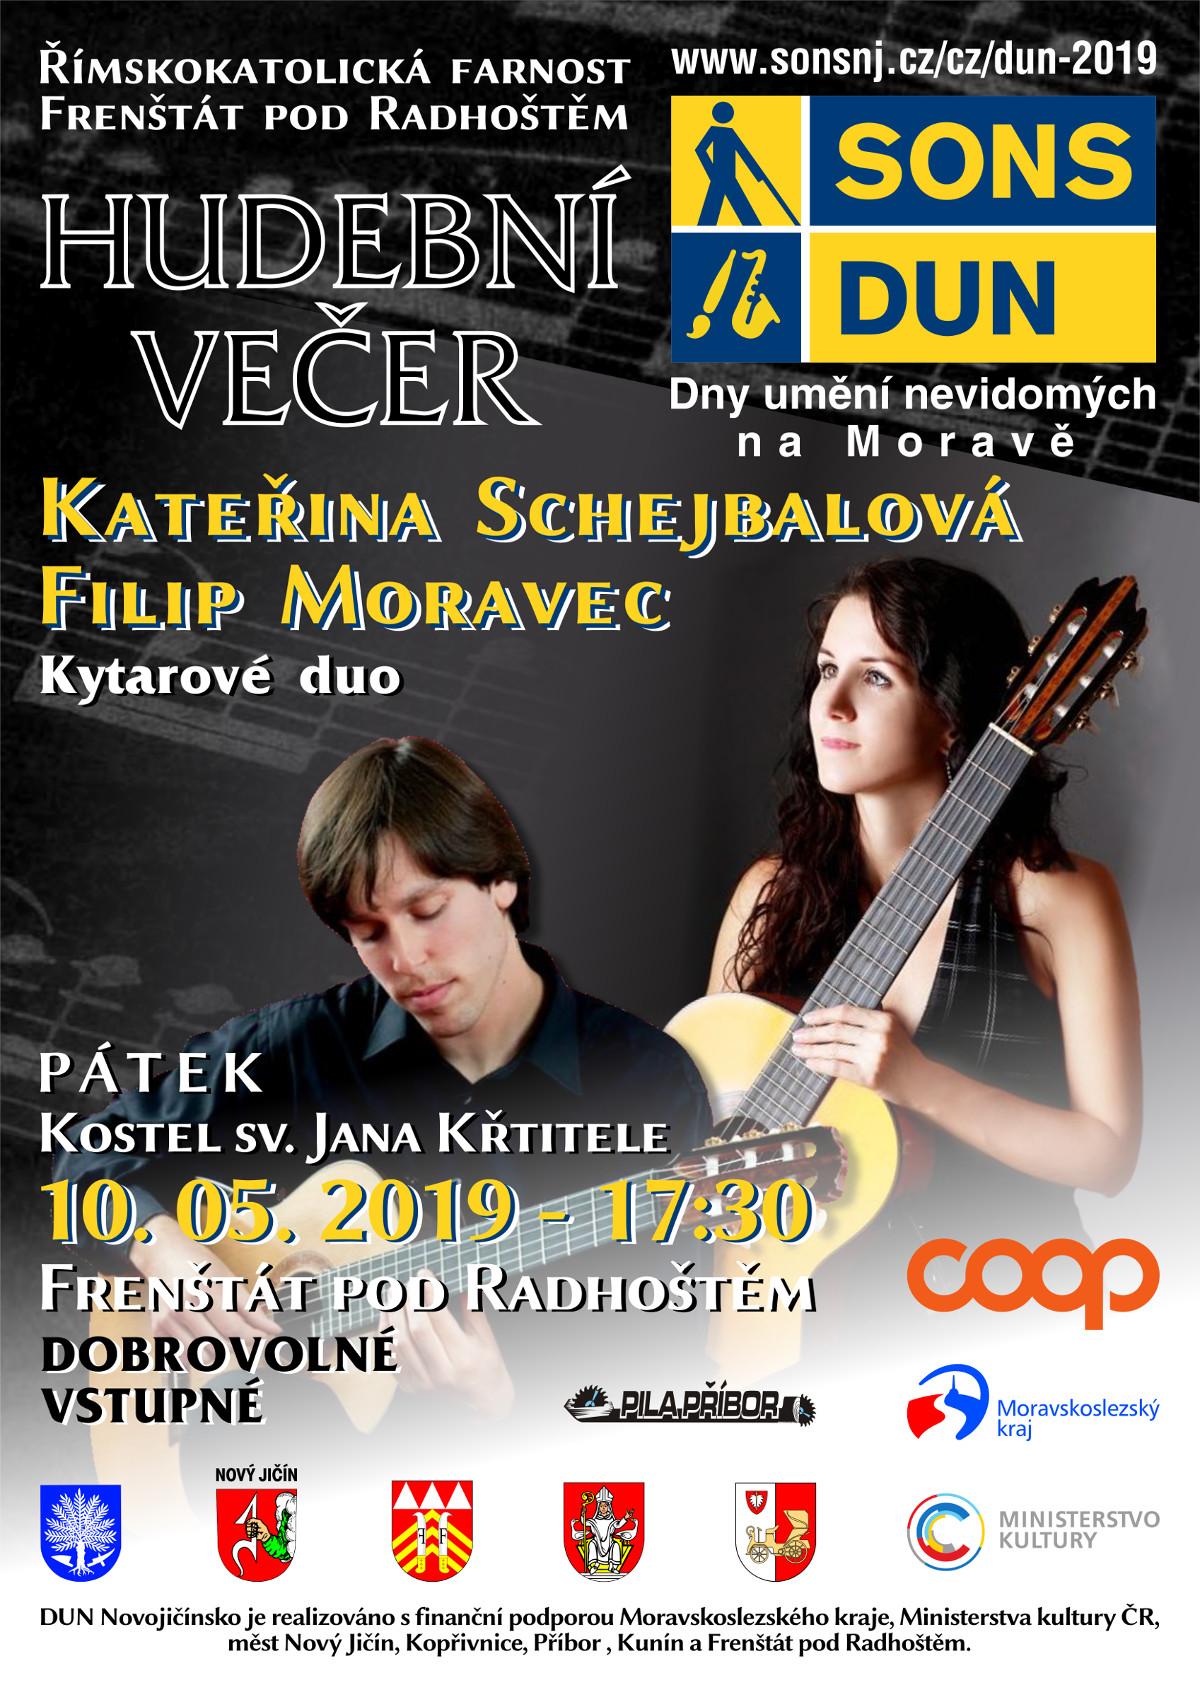 Pozvánka na hudební večer DUN ve Frenštátu pod Radhoštěm.